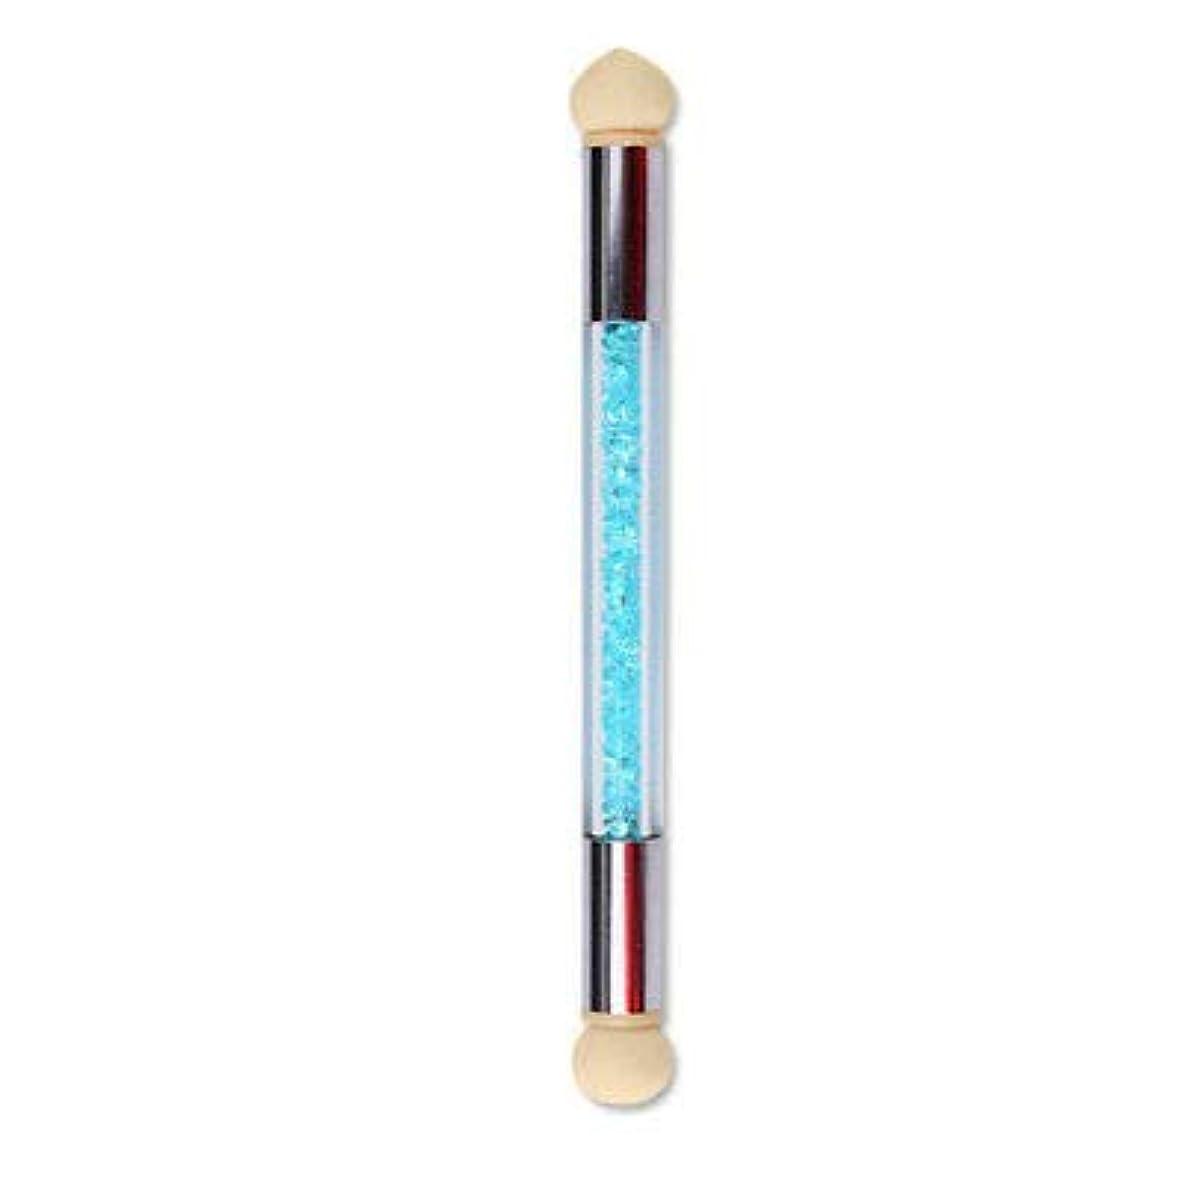 バング受粉するサンプルFidgetGear ネイルアートデュアルスポンジグリッターヘッド点在ピッキンググラデーションシェーディングペンブラシ新しい 青